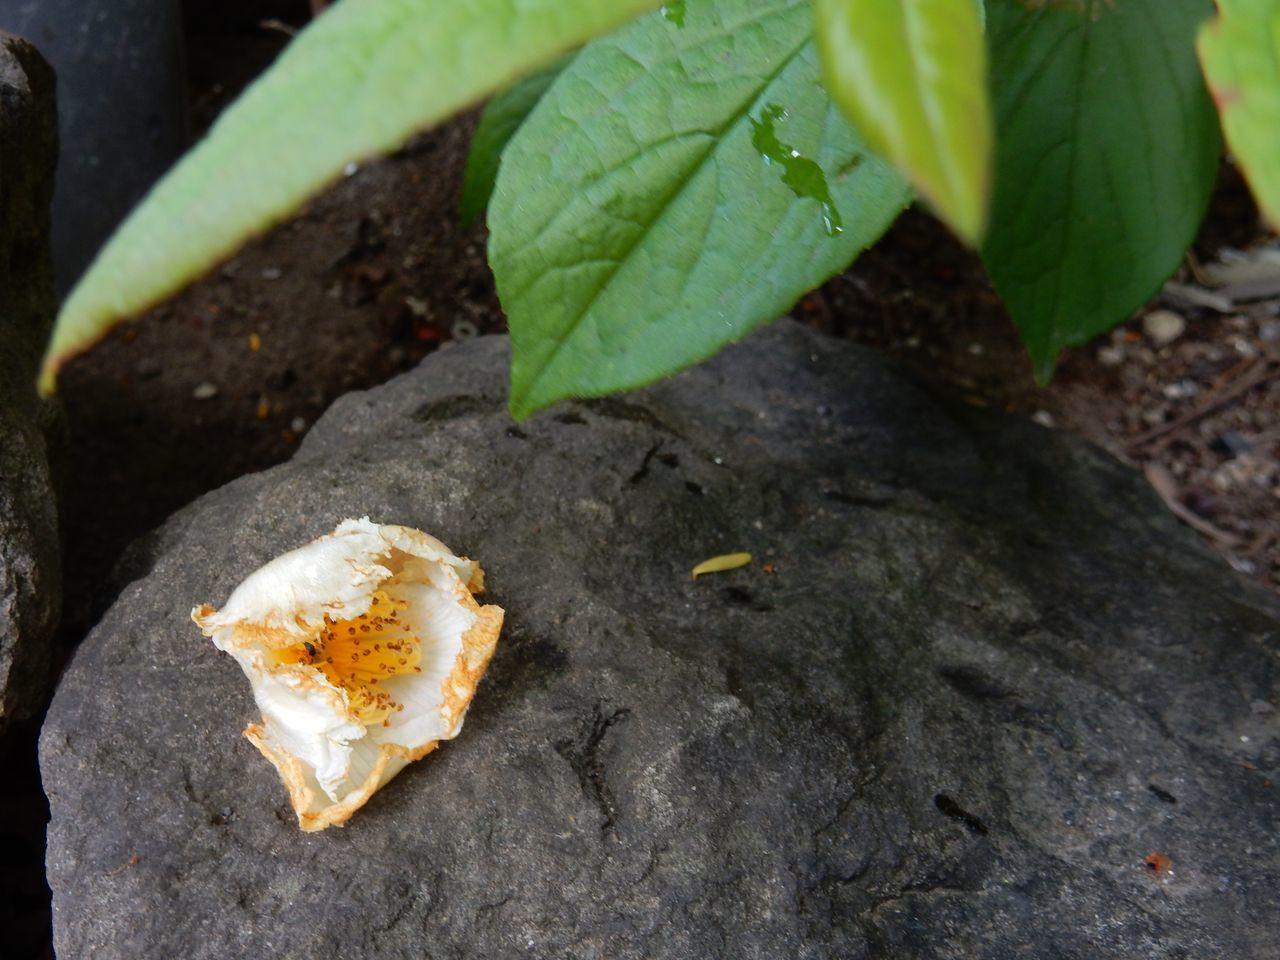 花落ちてナツツバキの季節が始まったことを知る_c0025115_22025986.jpg